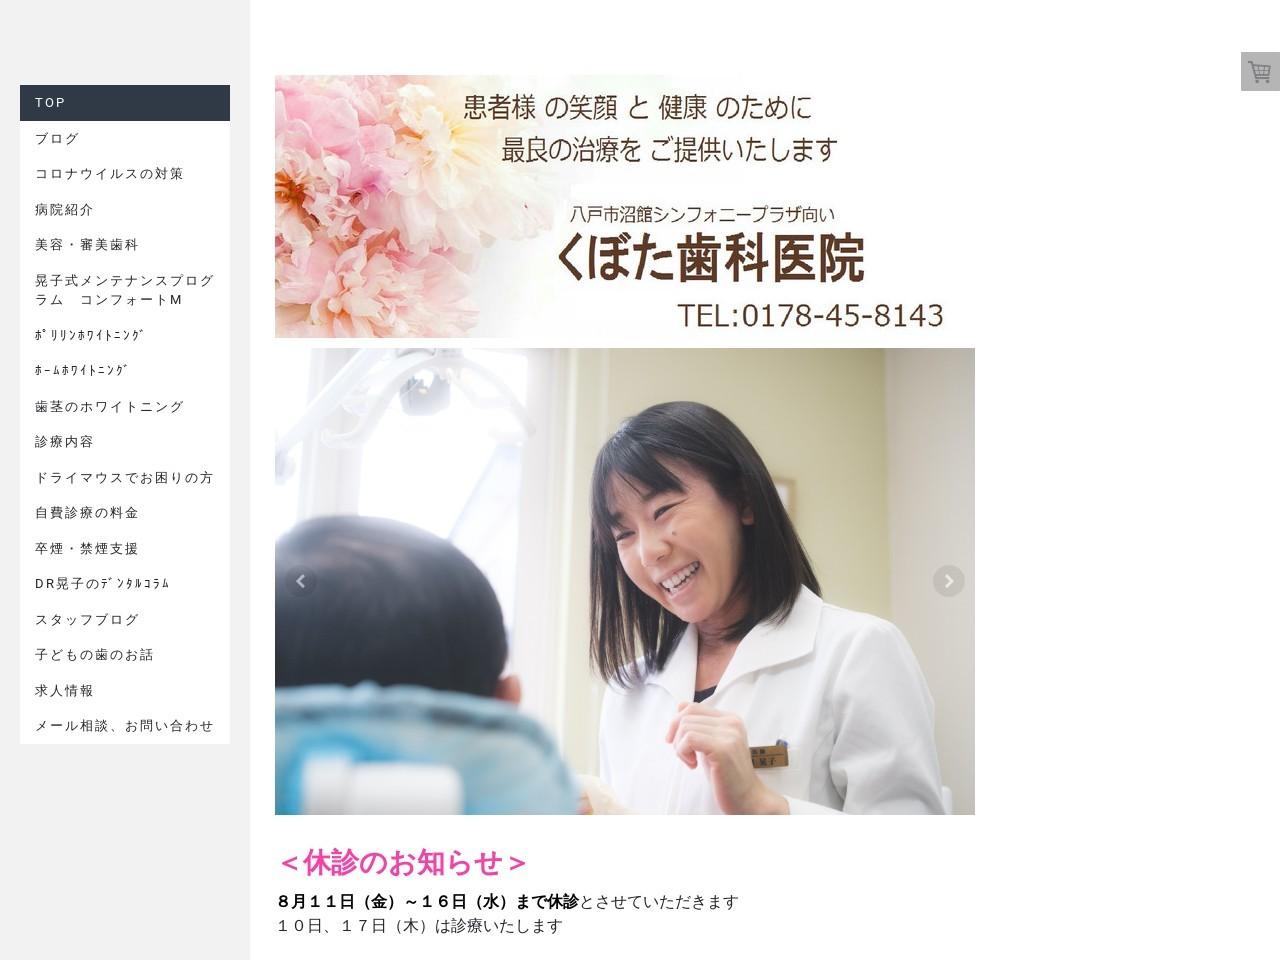 くぼた歯科医院 (青森県八戸市)